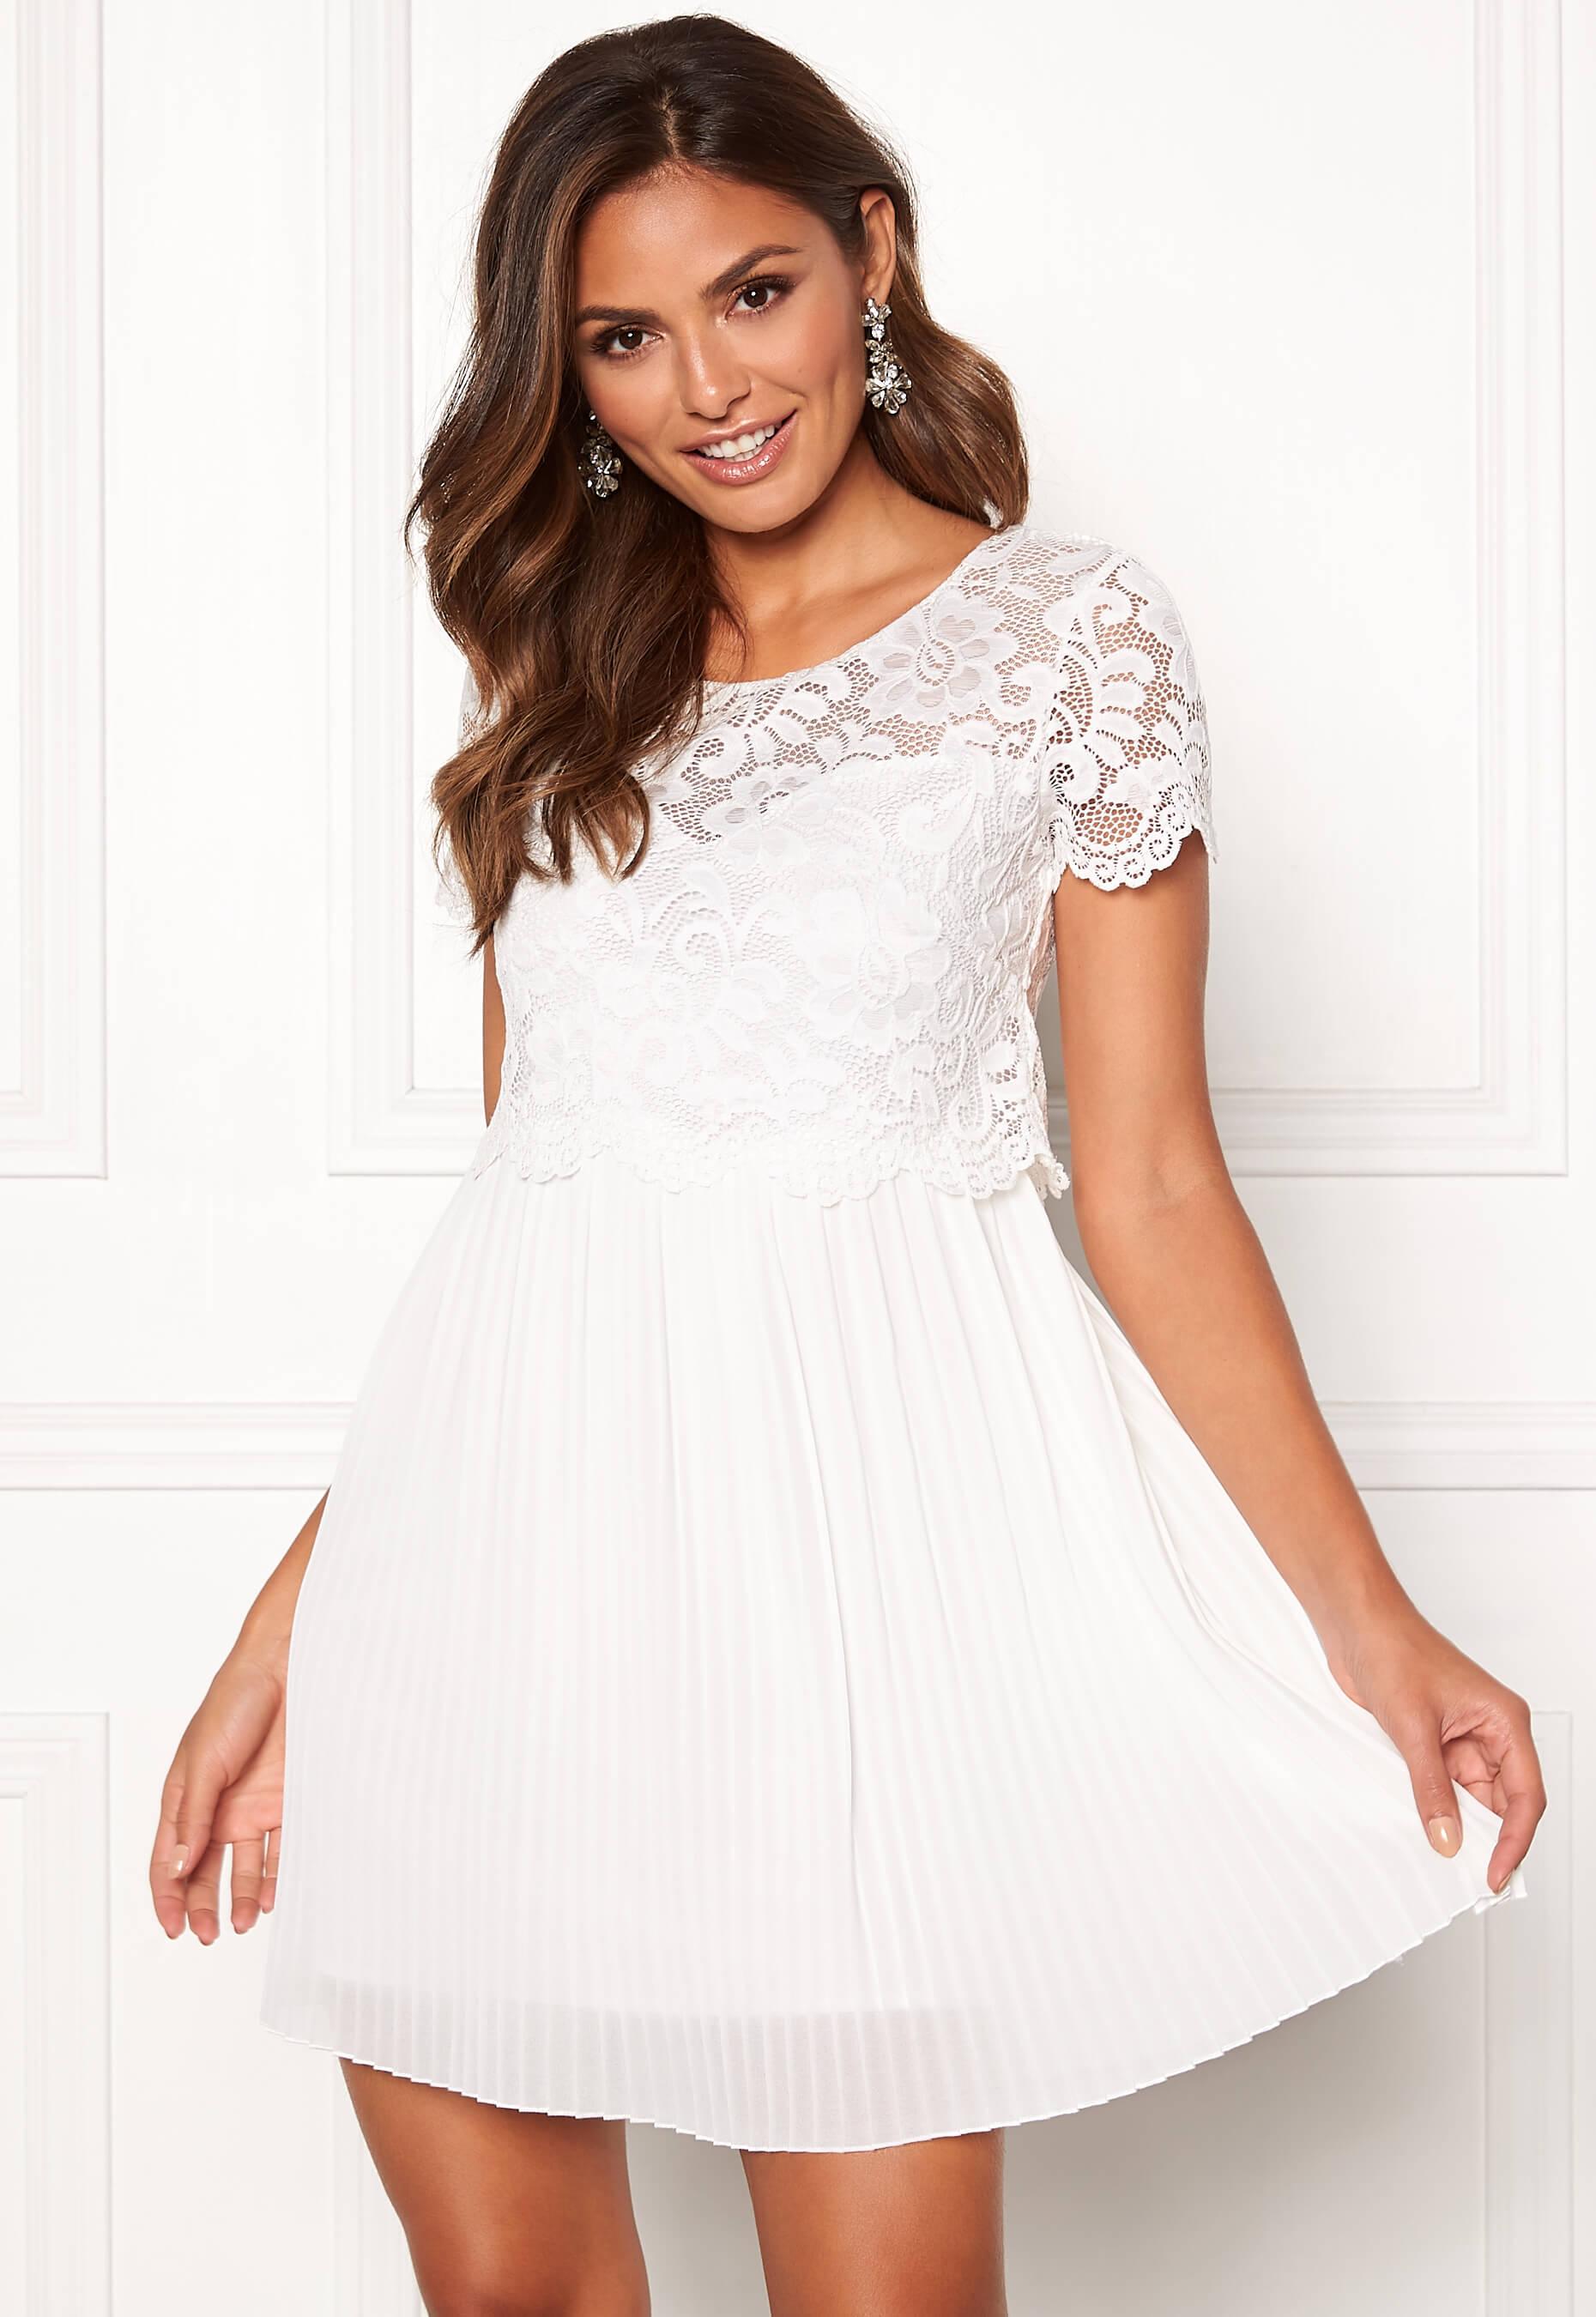 Vacker vit klänning i stretchig spets och chiffong